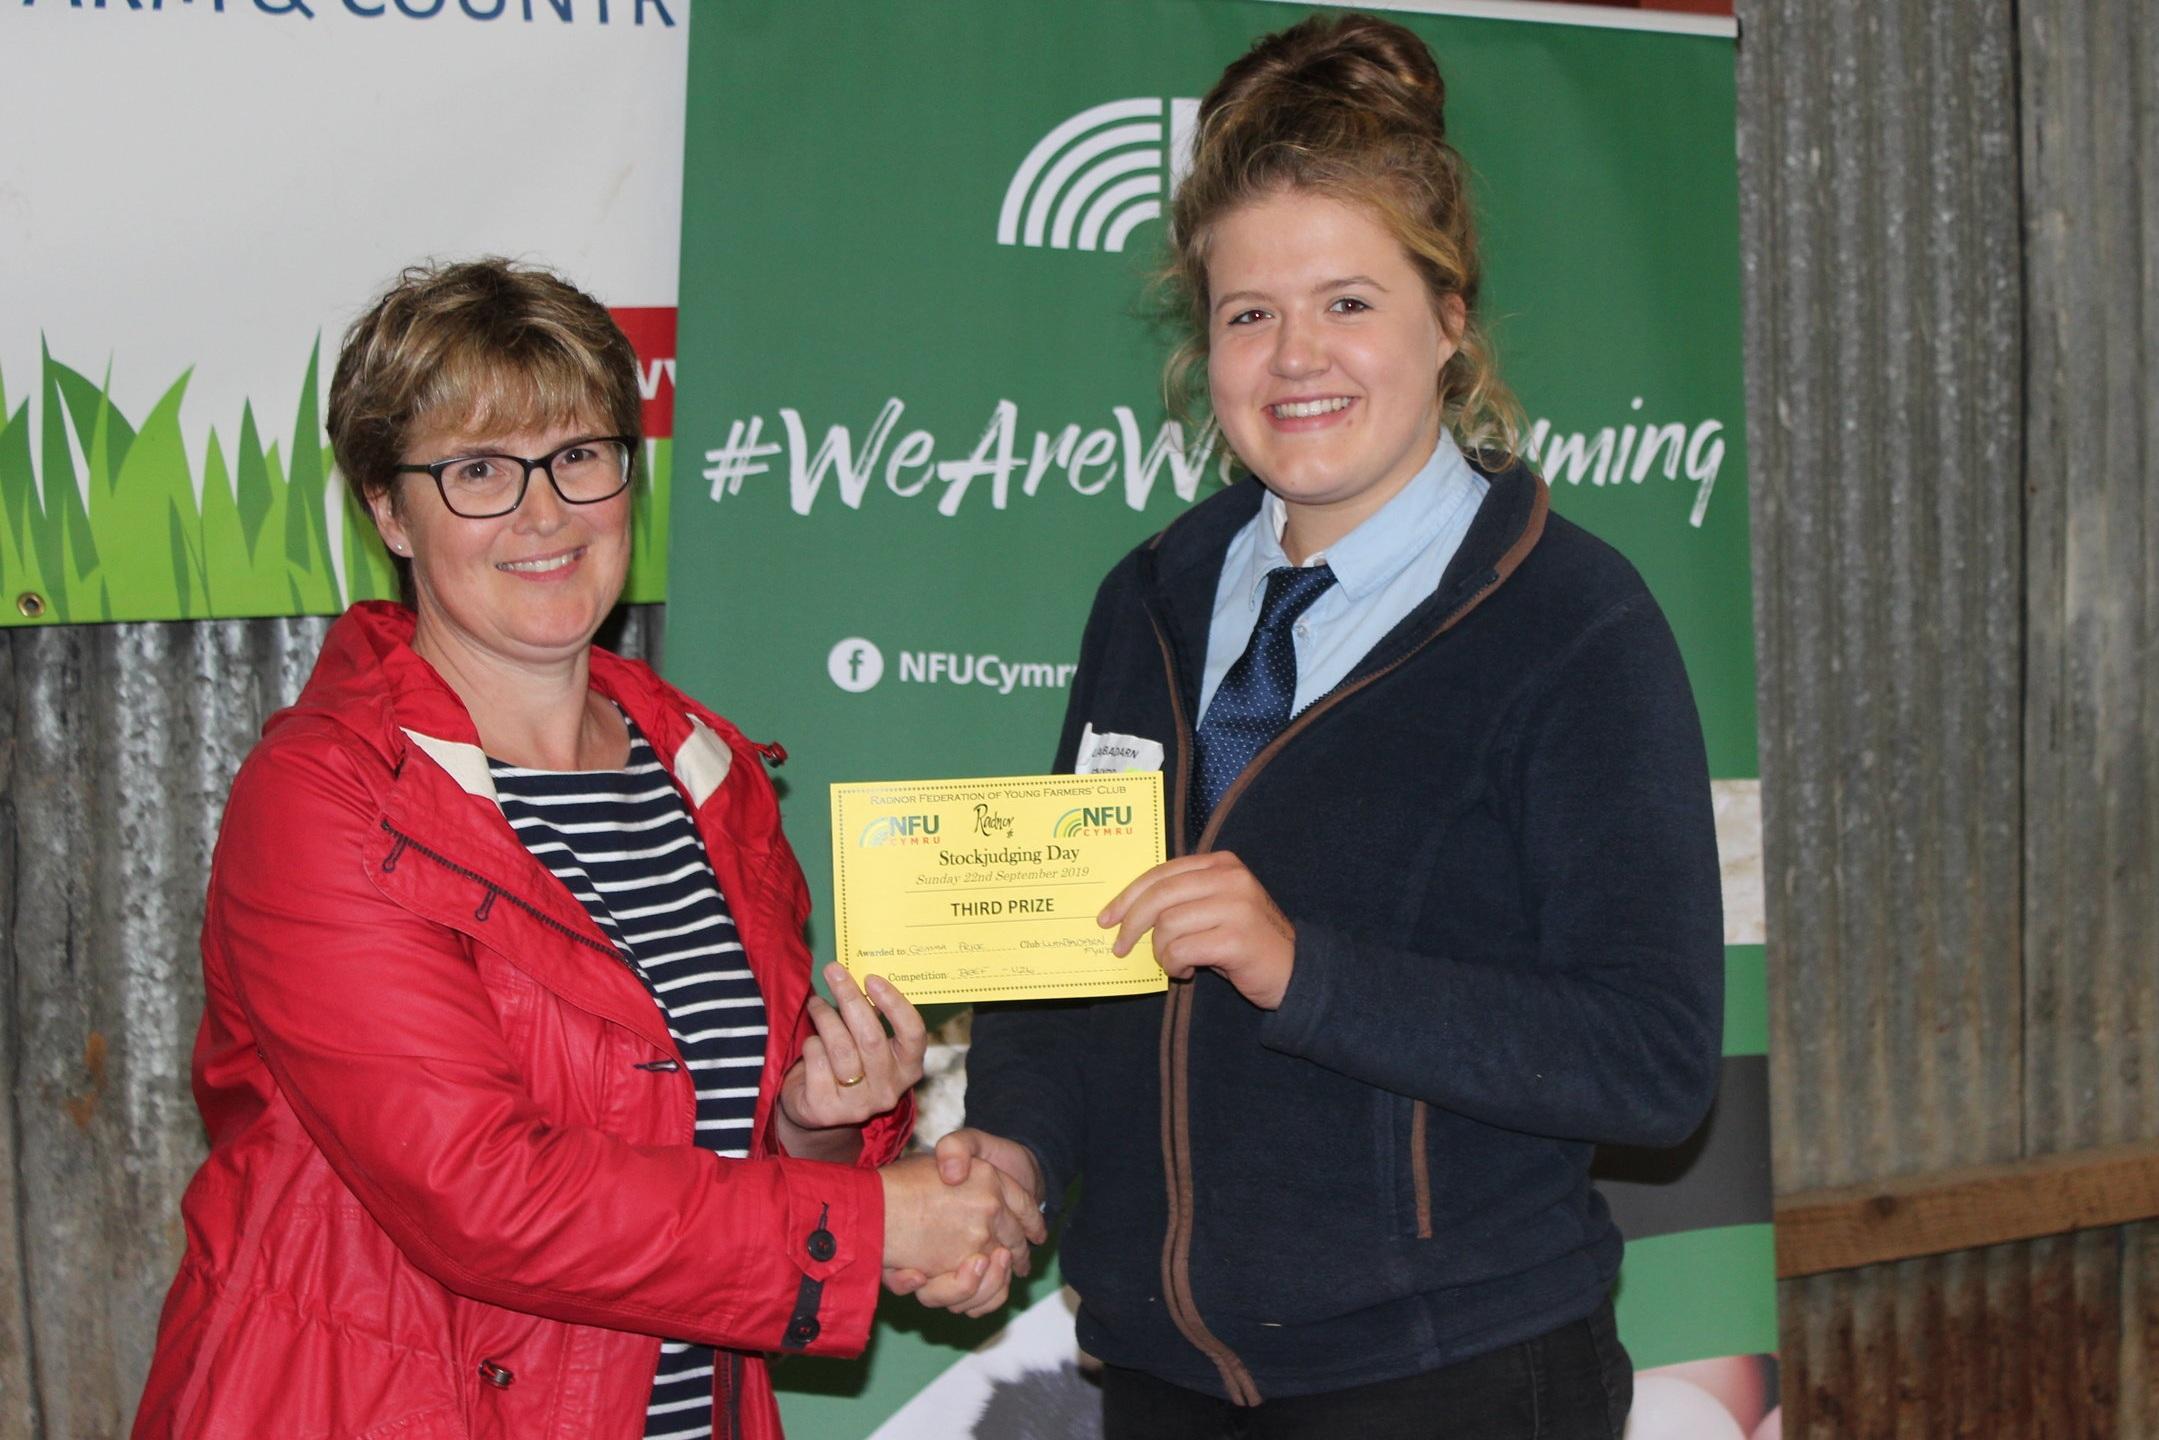 Gemma Price, Llanbadarn Fynydd YFC - joint 3rd place in the Senior Beef with Amanda Watson.